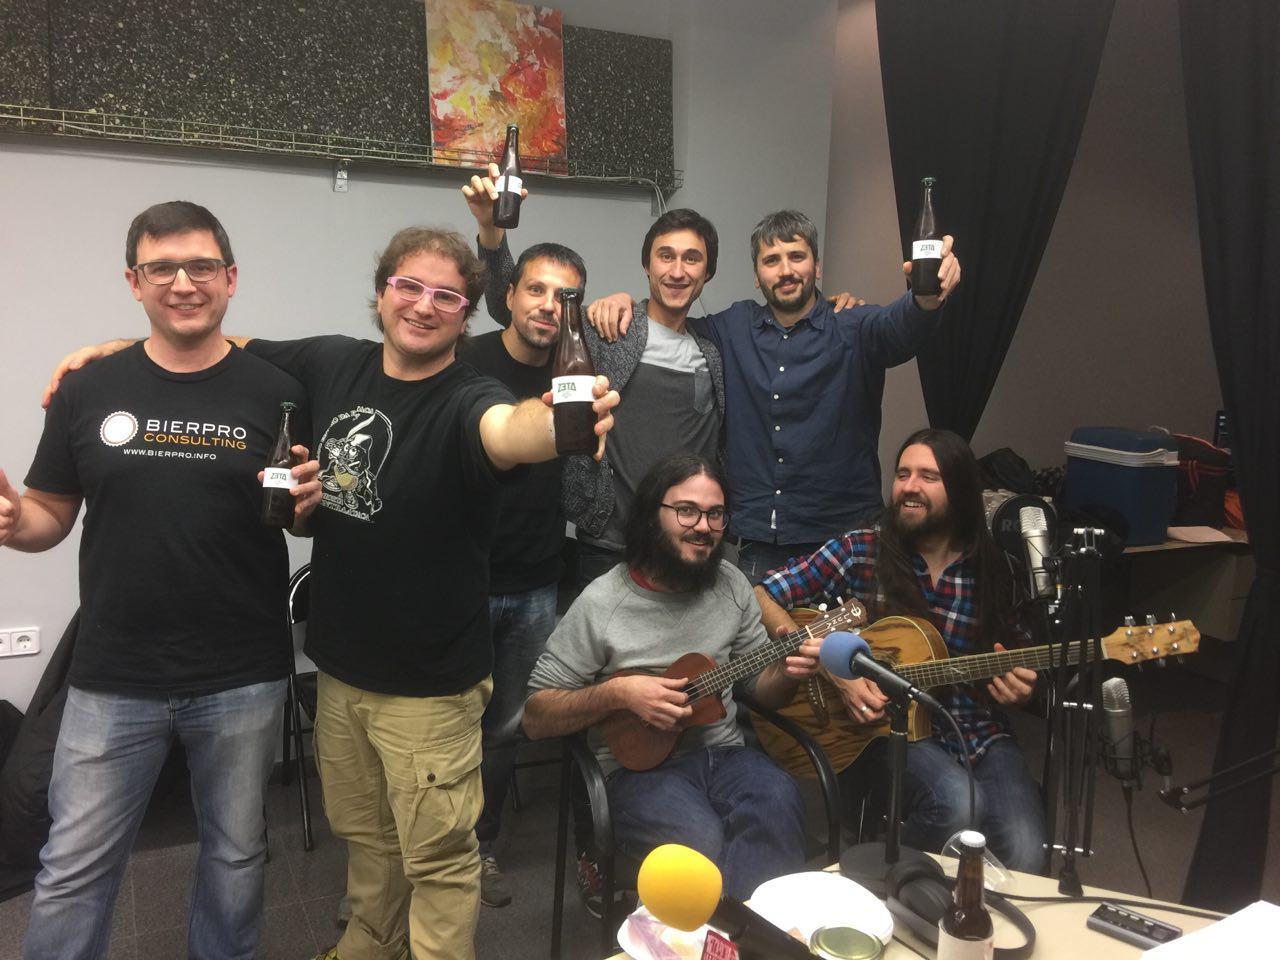 Carlos Martínez, Marc Alier, Daniel Amo, Daniel Bolsa, Uri Nieto, Xavi Aracil y Carles Caño